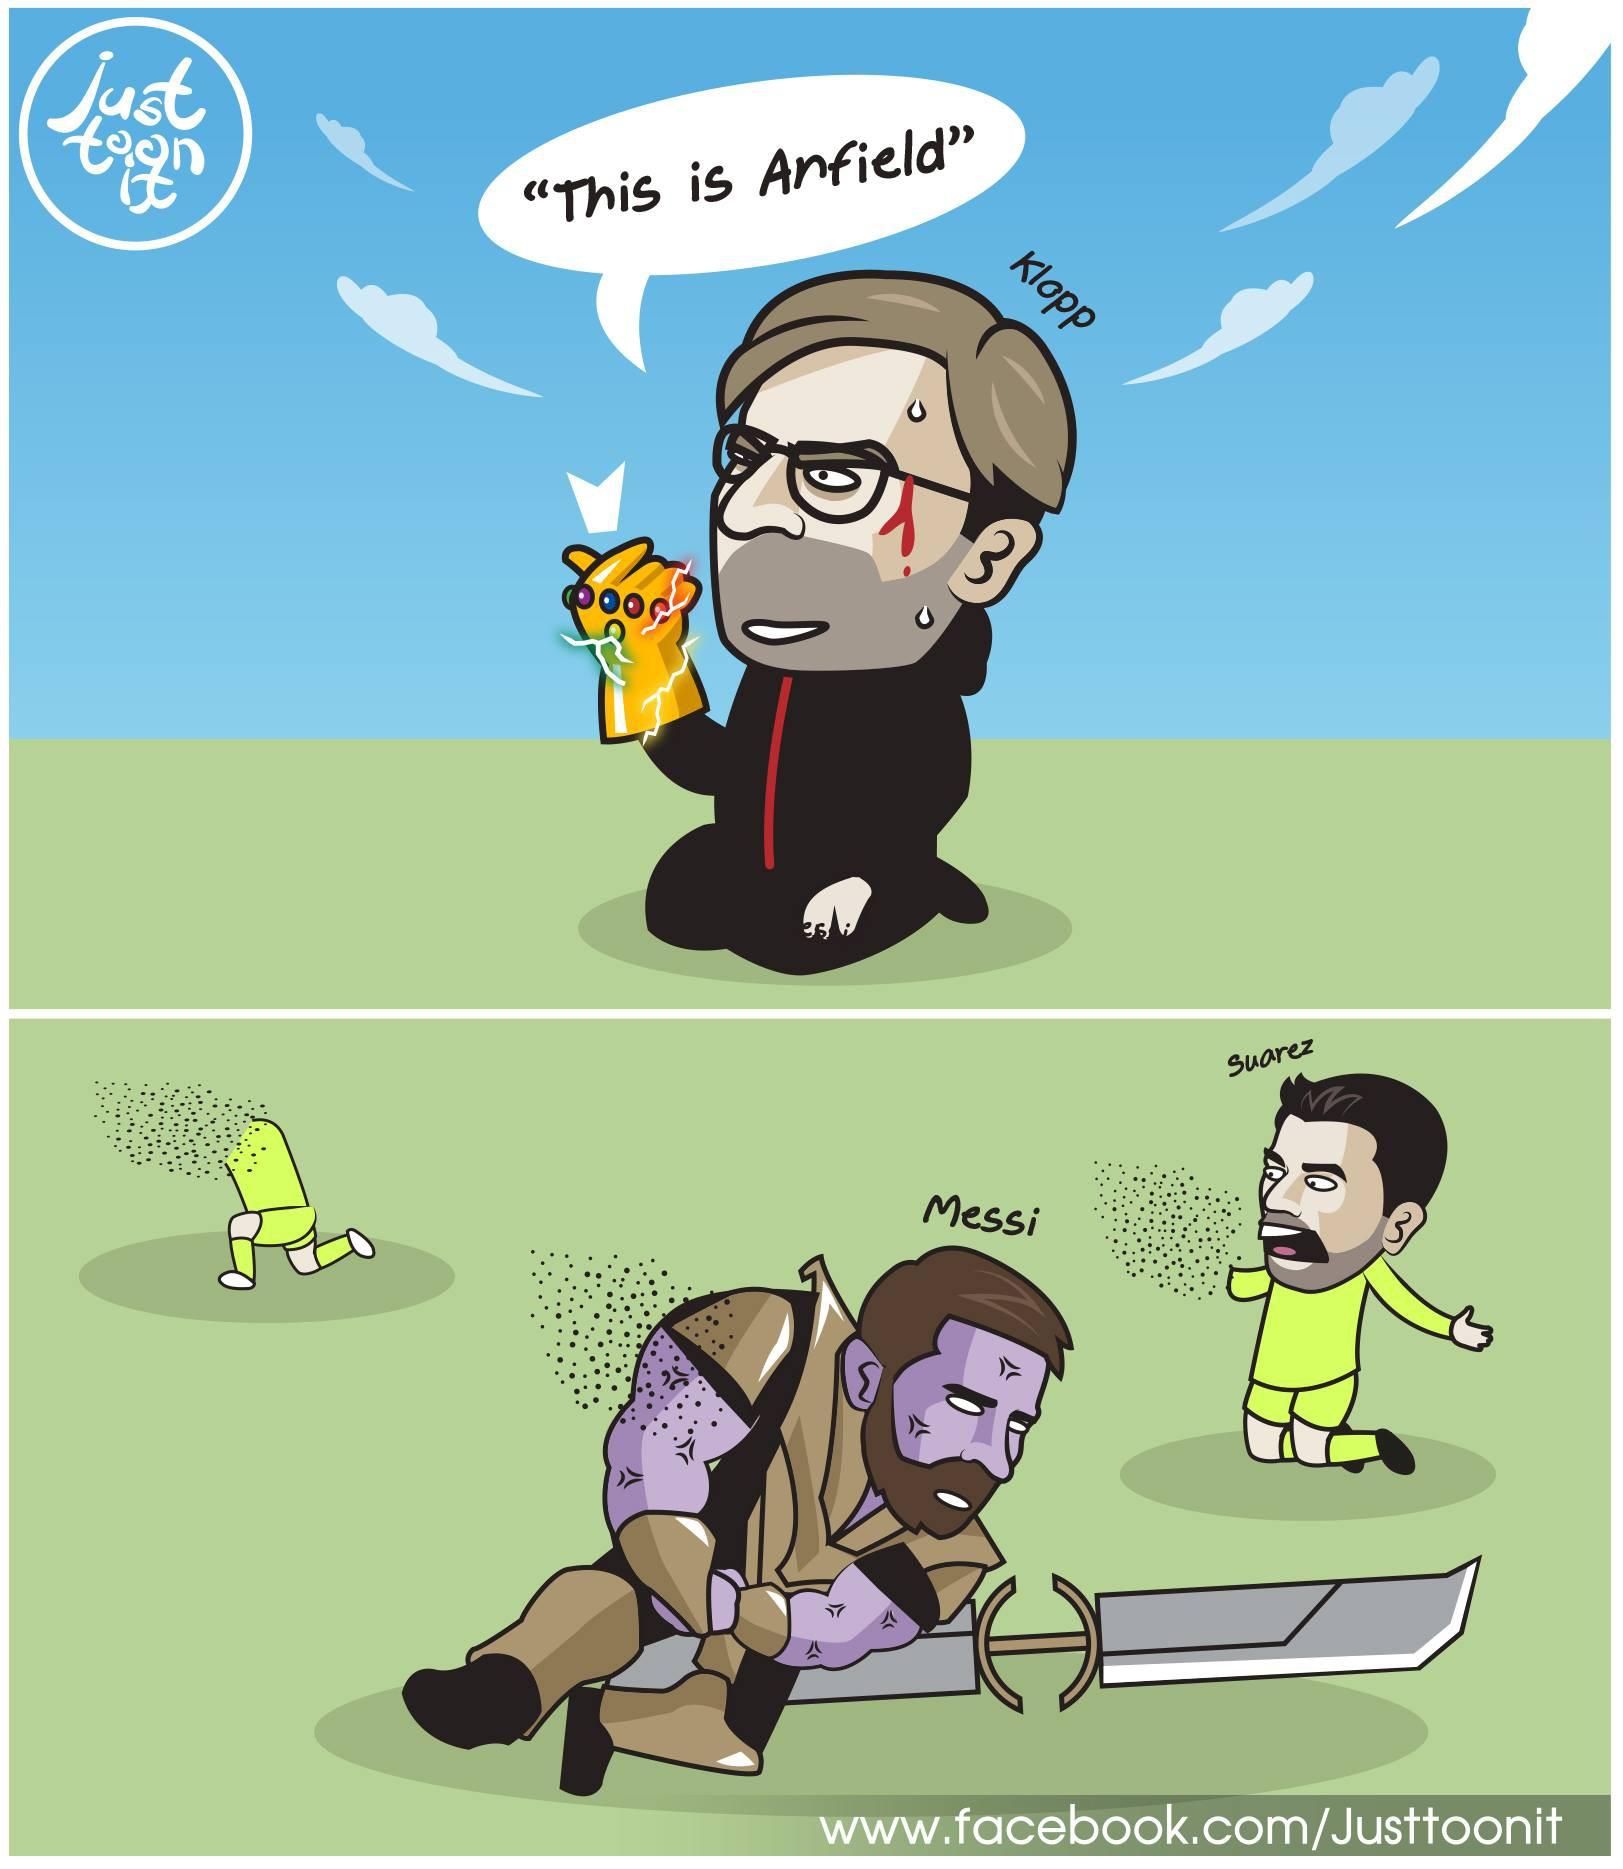 """""""thanos"""" messi - 5996159426607010540005745800964361065332736o 1557272620541372013695 - Ảnh chế: """"Iron Man"""" Klopp búng tay, """"Thanos"""" Messi tan biến vào cát bụi"""